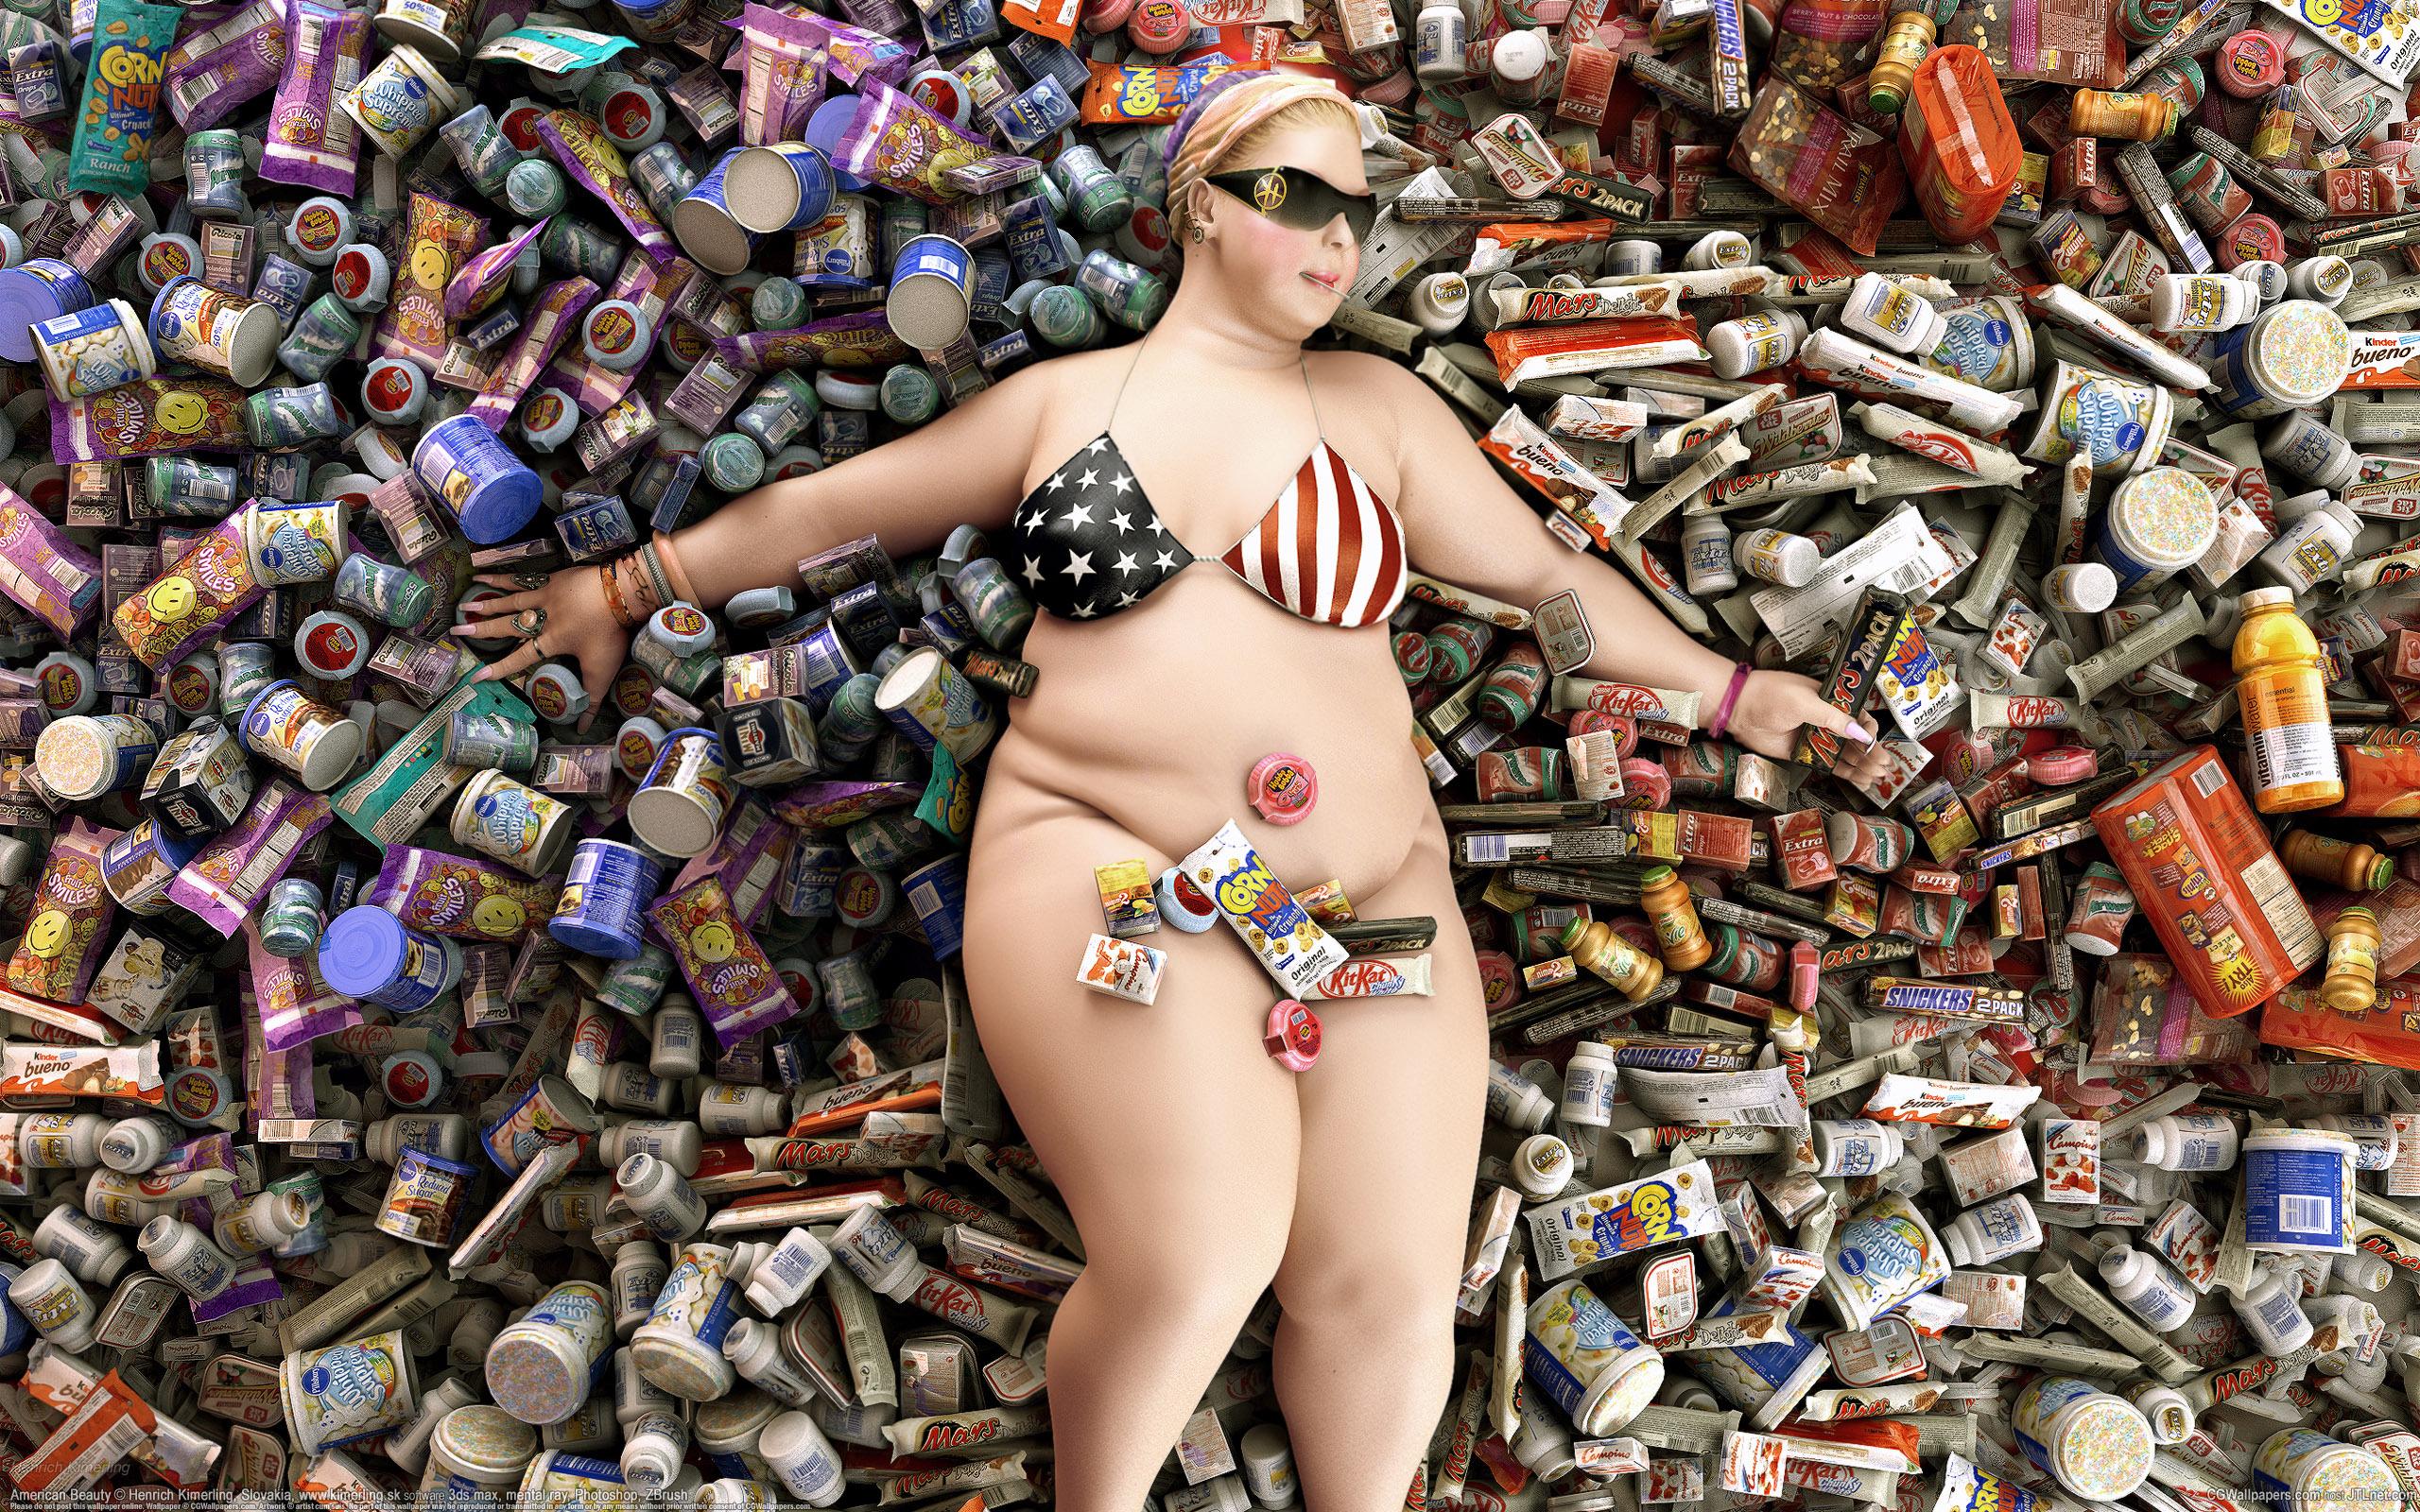 Толстушка, банки, америка, потребление, 2560x1600